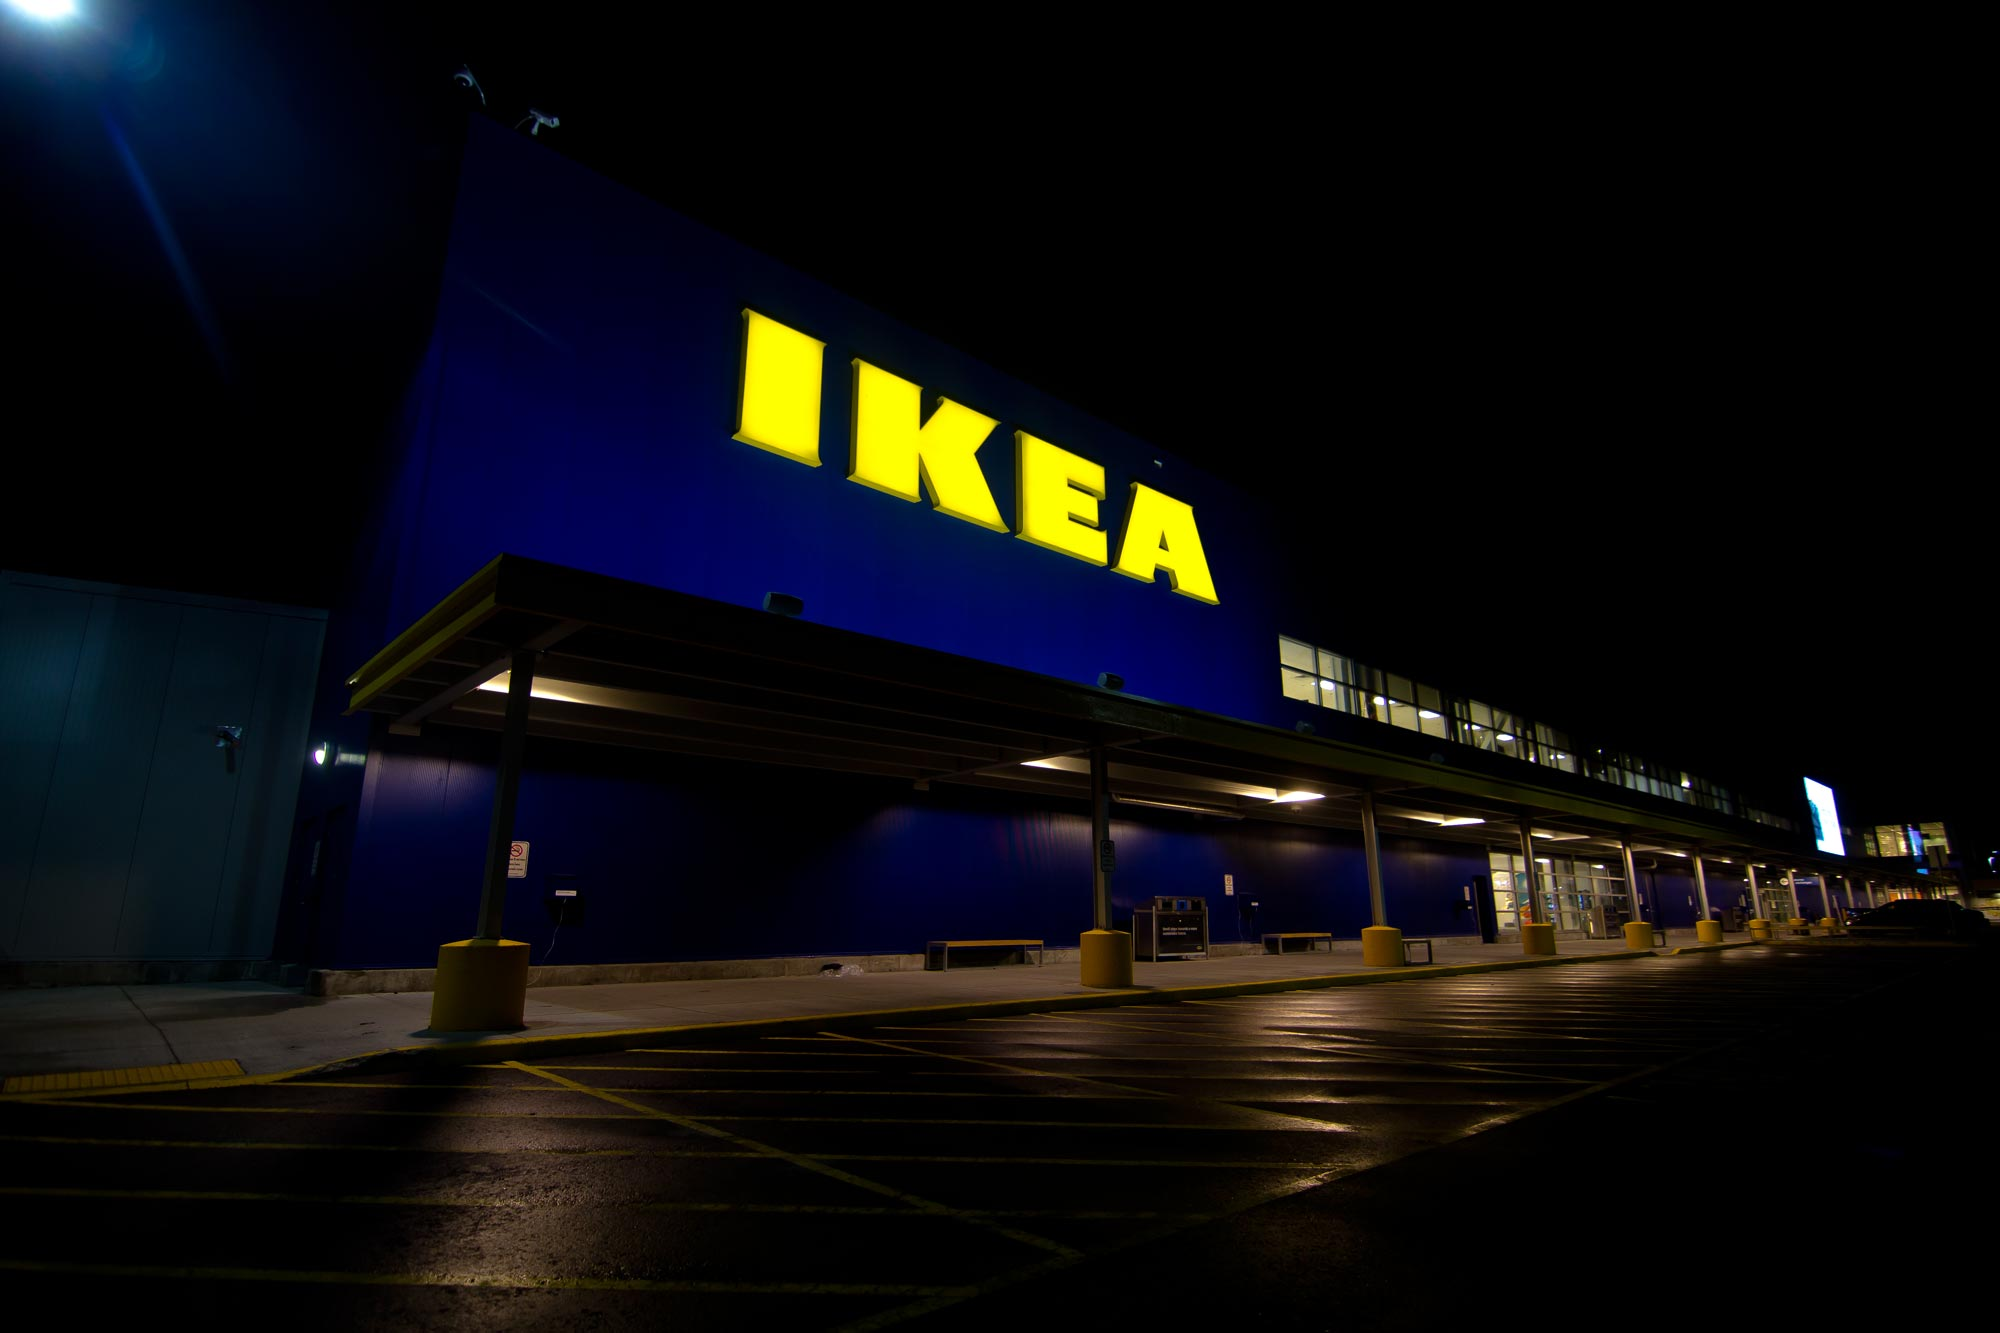 IKEA-letters-Night.jpg